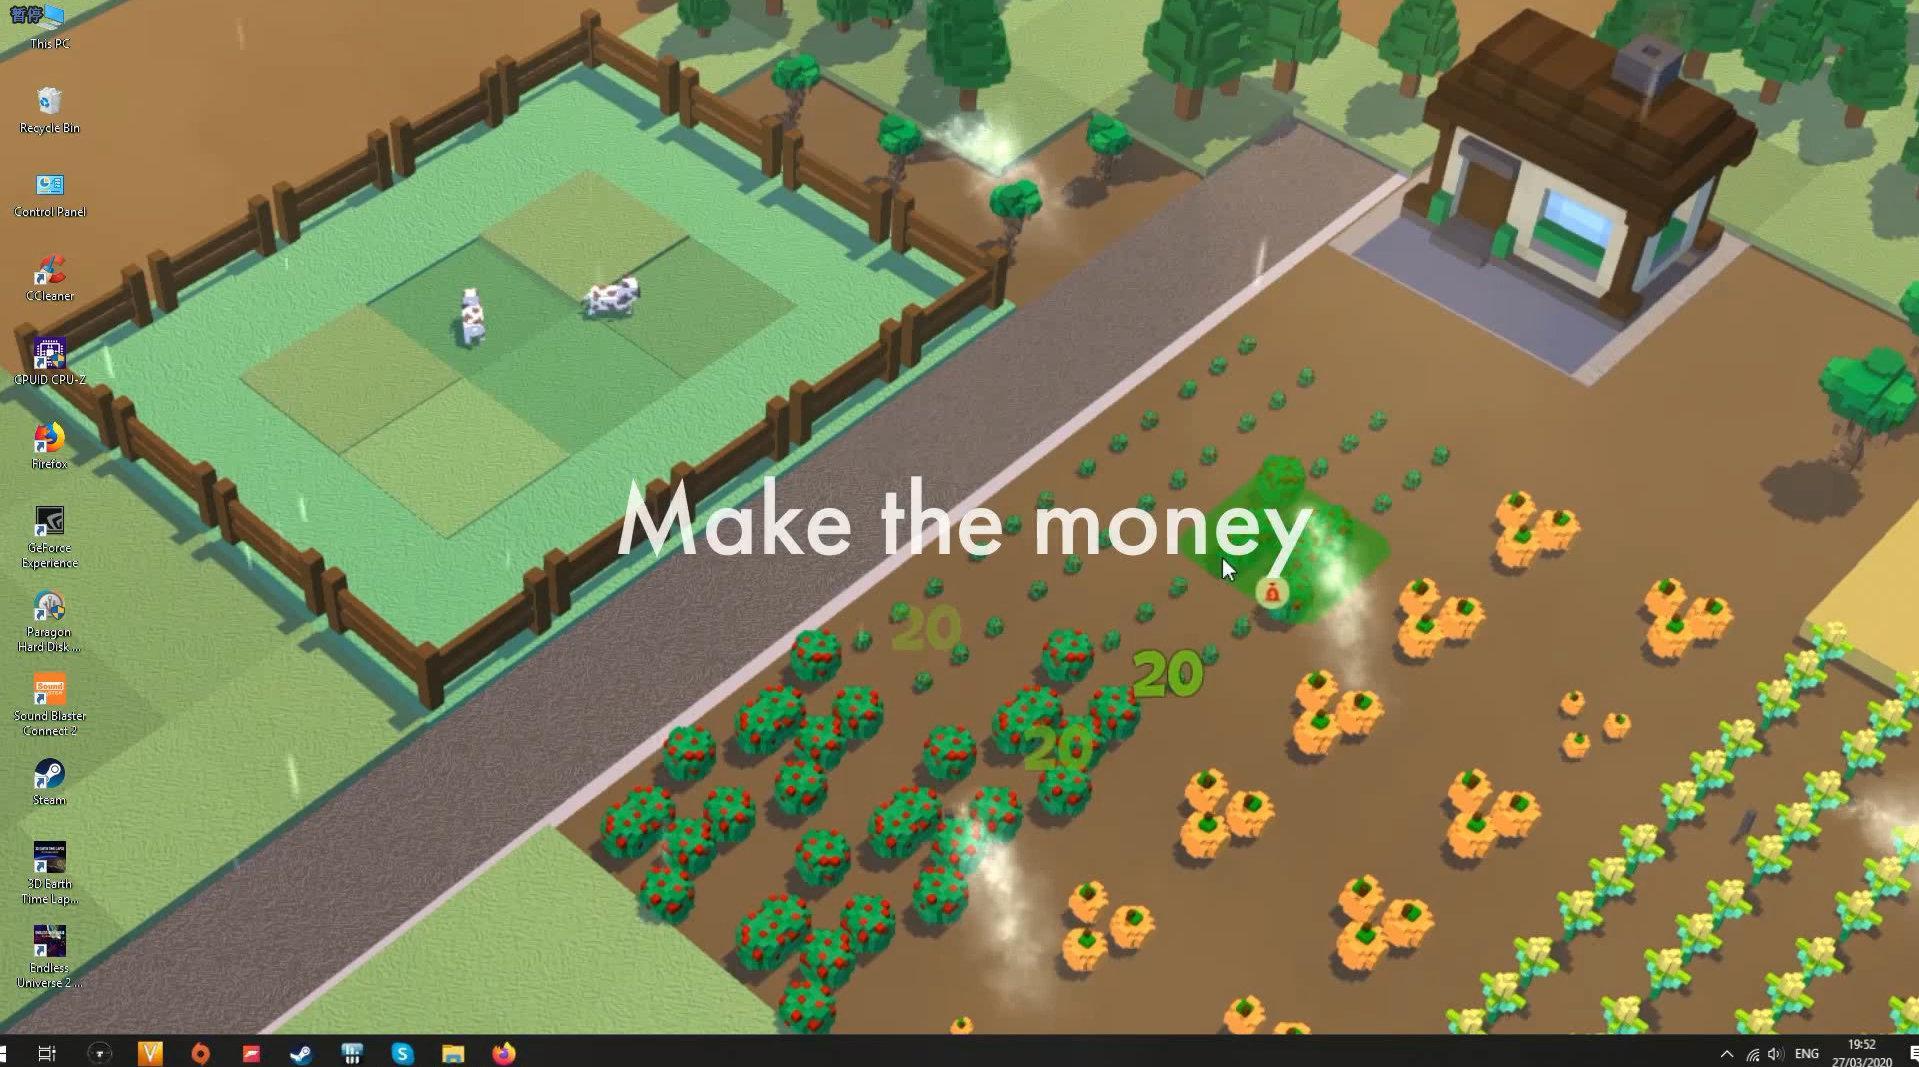 划水摸鱼神器——像素风种田游戏《桌面农场》登陆Steam